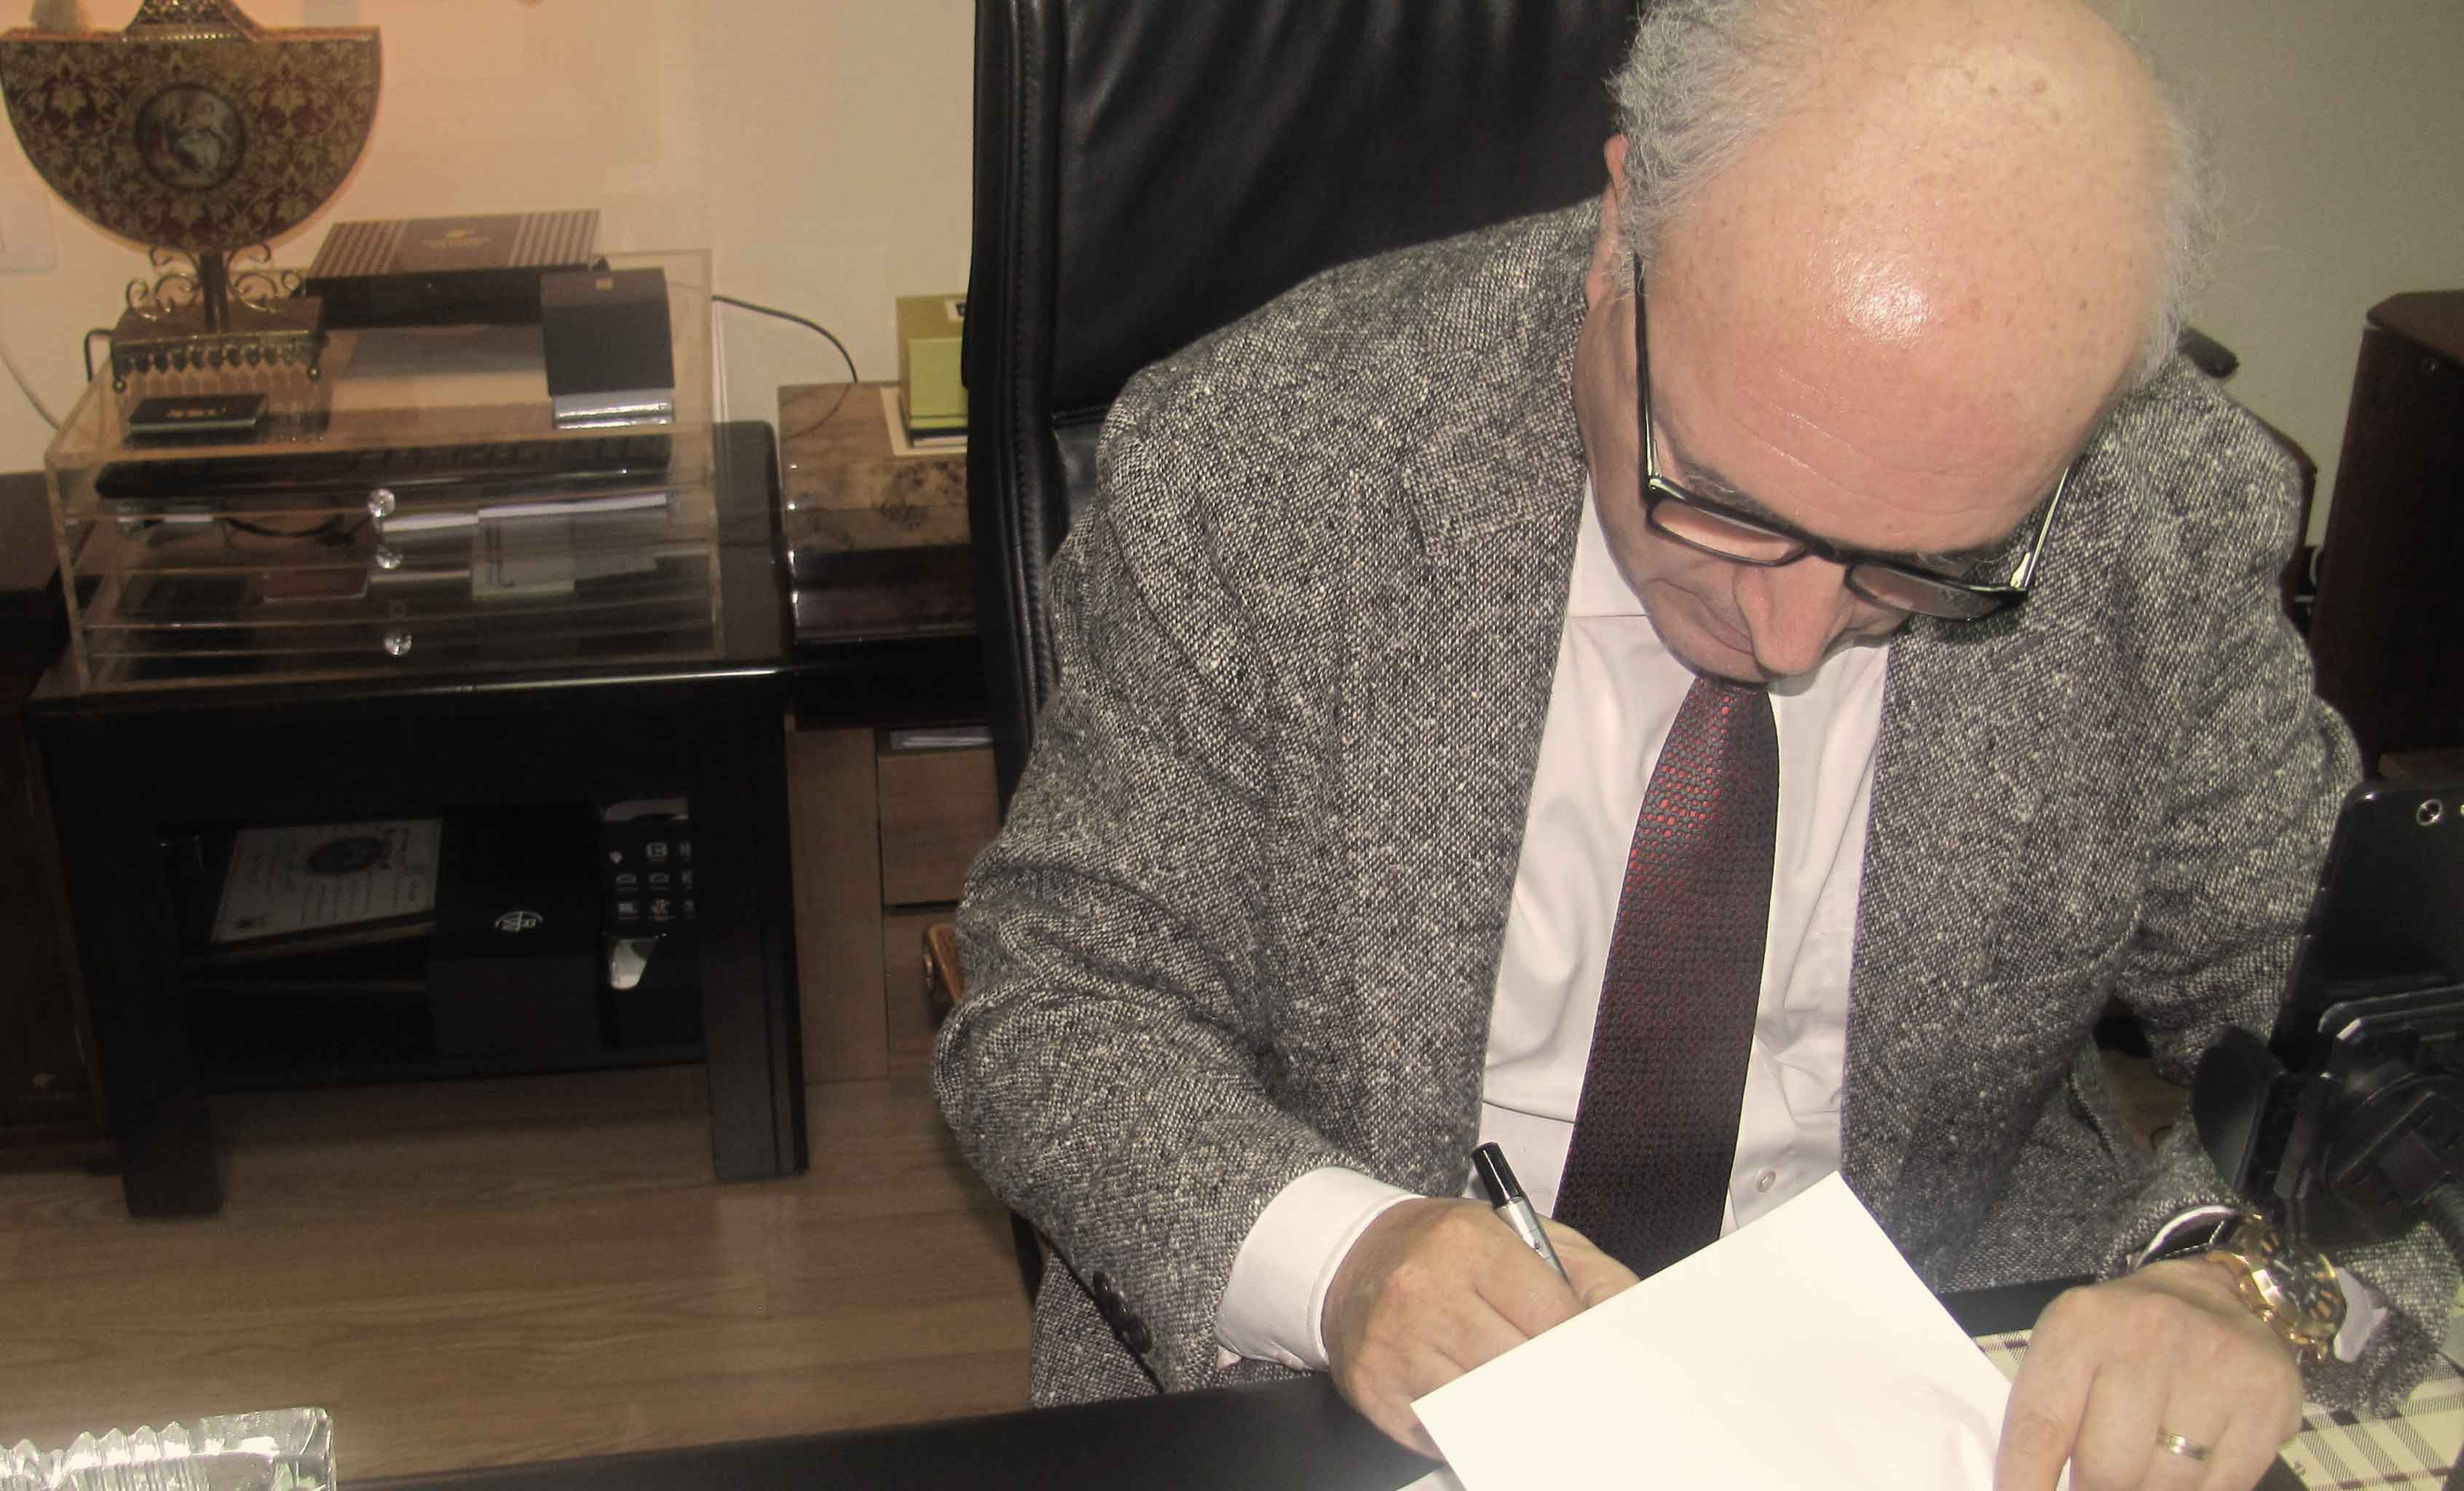 مقالات المفكر العربي ناصر قنديل  - صفحة 9 Kh%20copy-20150106-100152